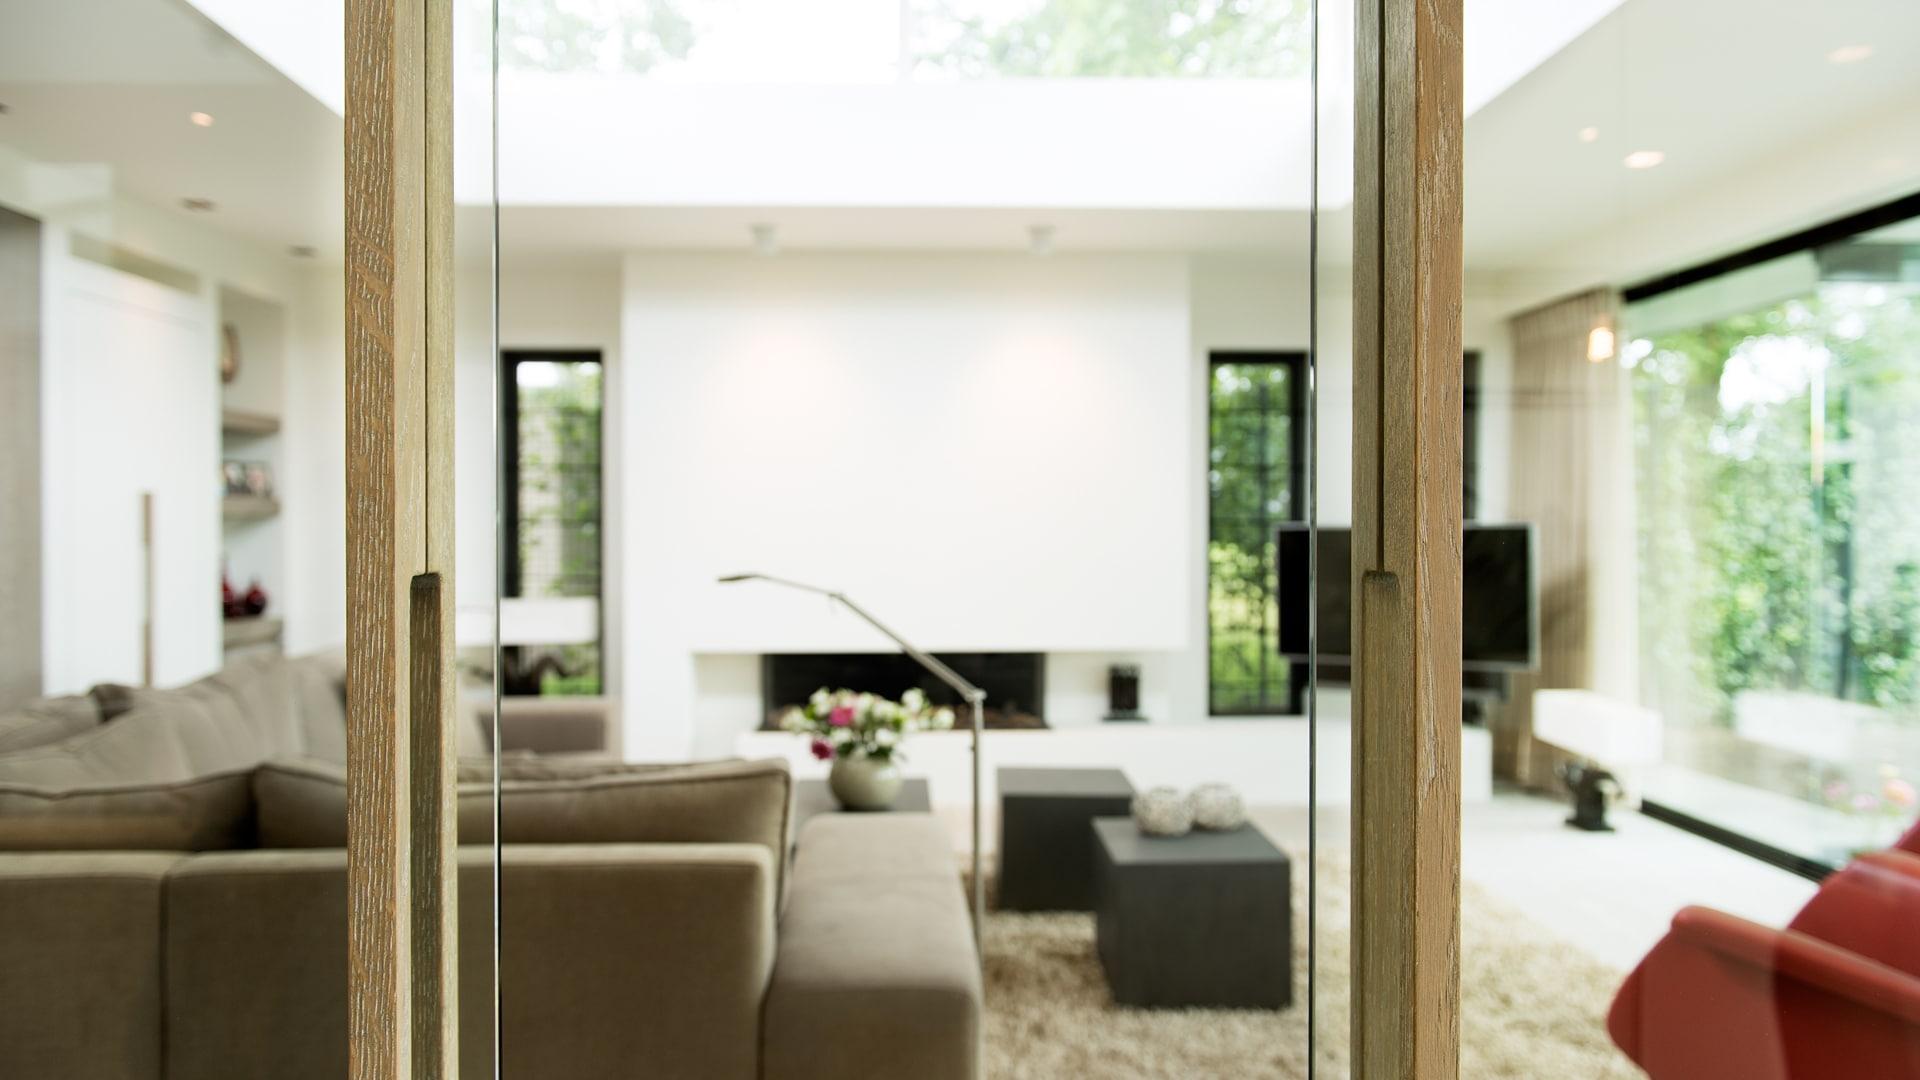 Interieur begeleiding maccdesign for Interieur zaken